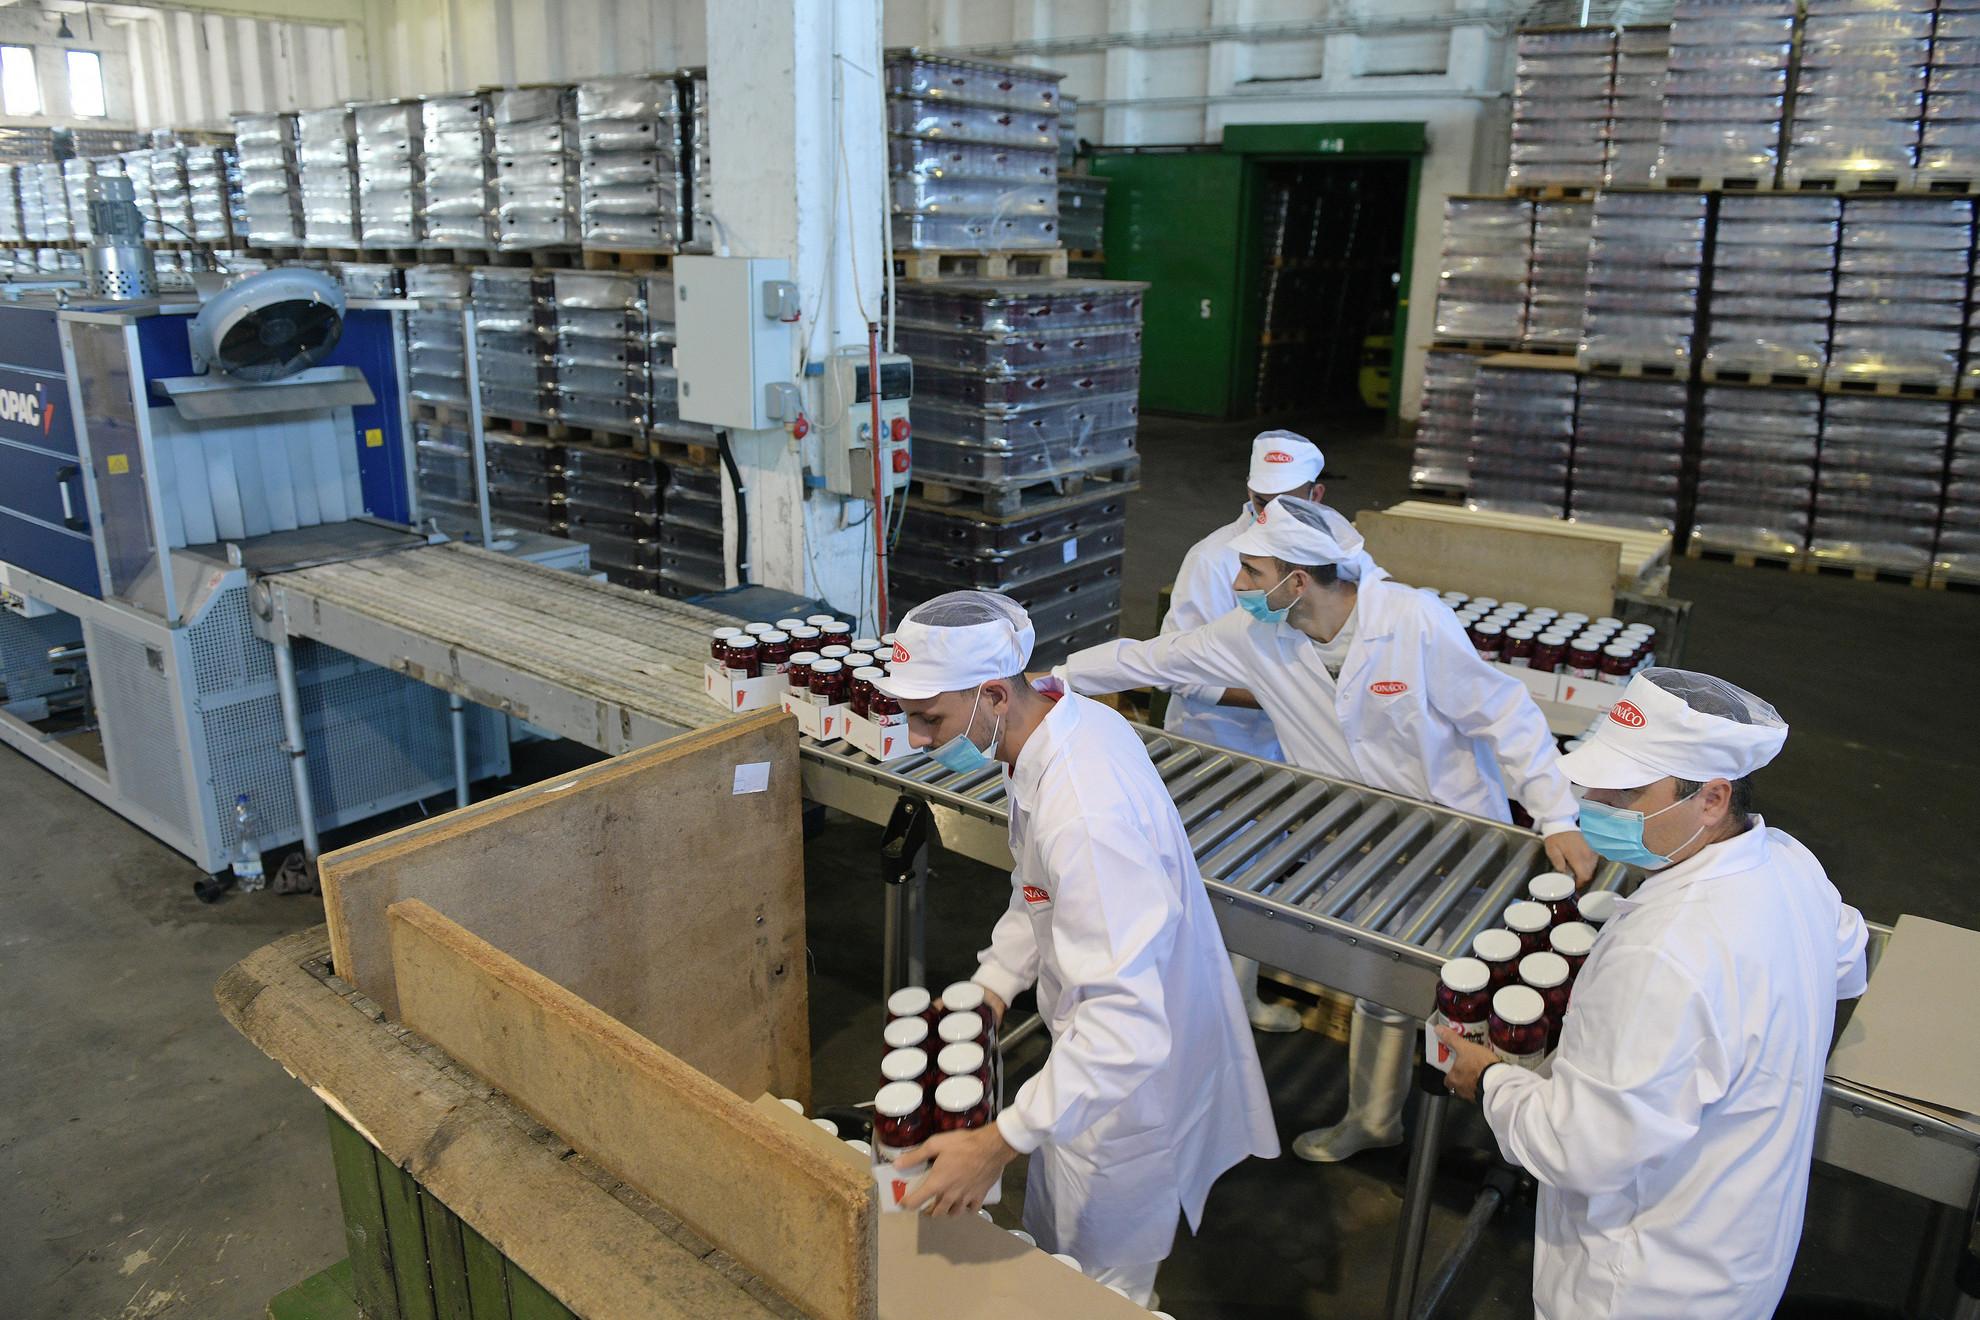 Meggykonzervet csomagolnak a gyümölcs- és zöldségkonzerv gyártással foglalkozó Jonaco Kft. fehérgyarmati üzemében a technológiai fejlesztés átadásának napján, 2020. szeptember 8-án